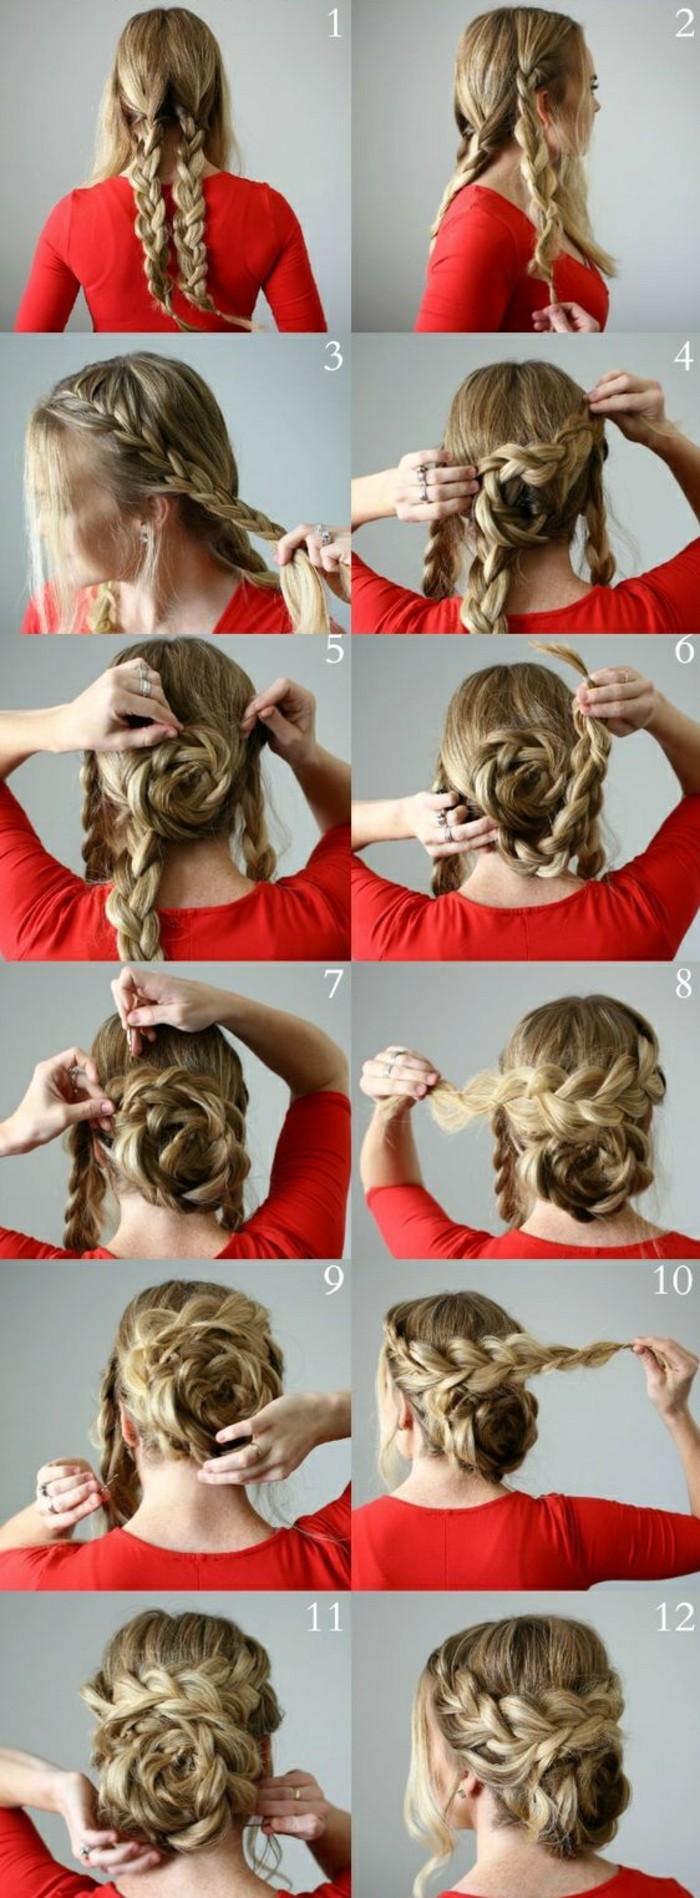 4-haare-hochstecken-lange-blonde-haare-zöpfe-binden-rote-bluse-hochsteck-frisur